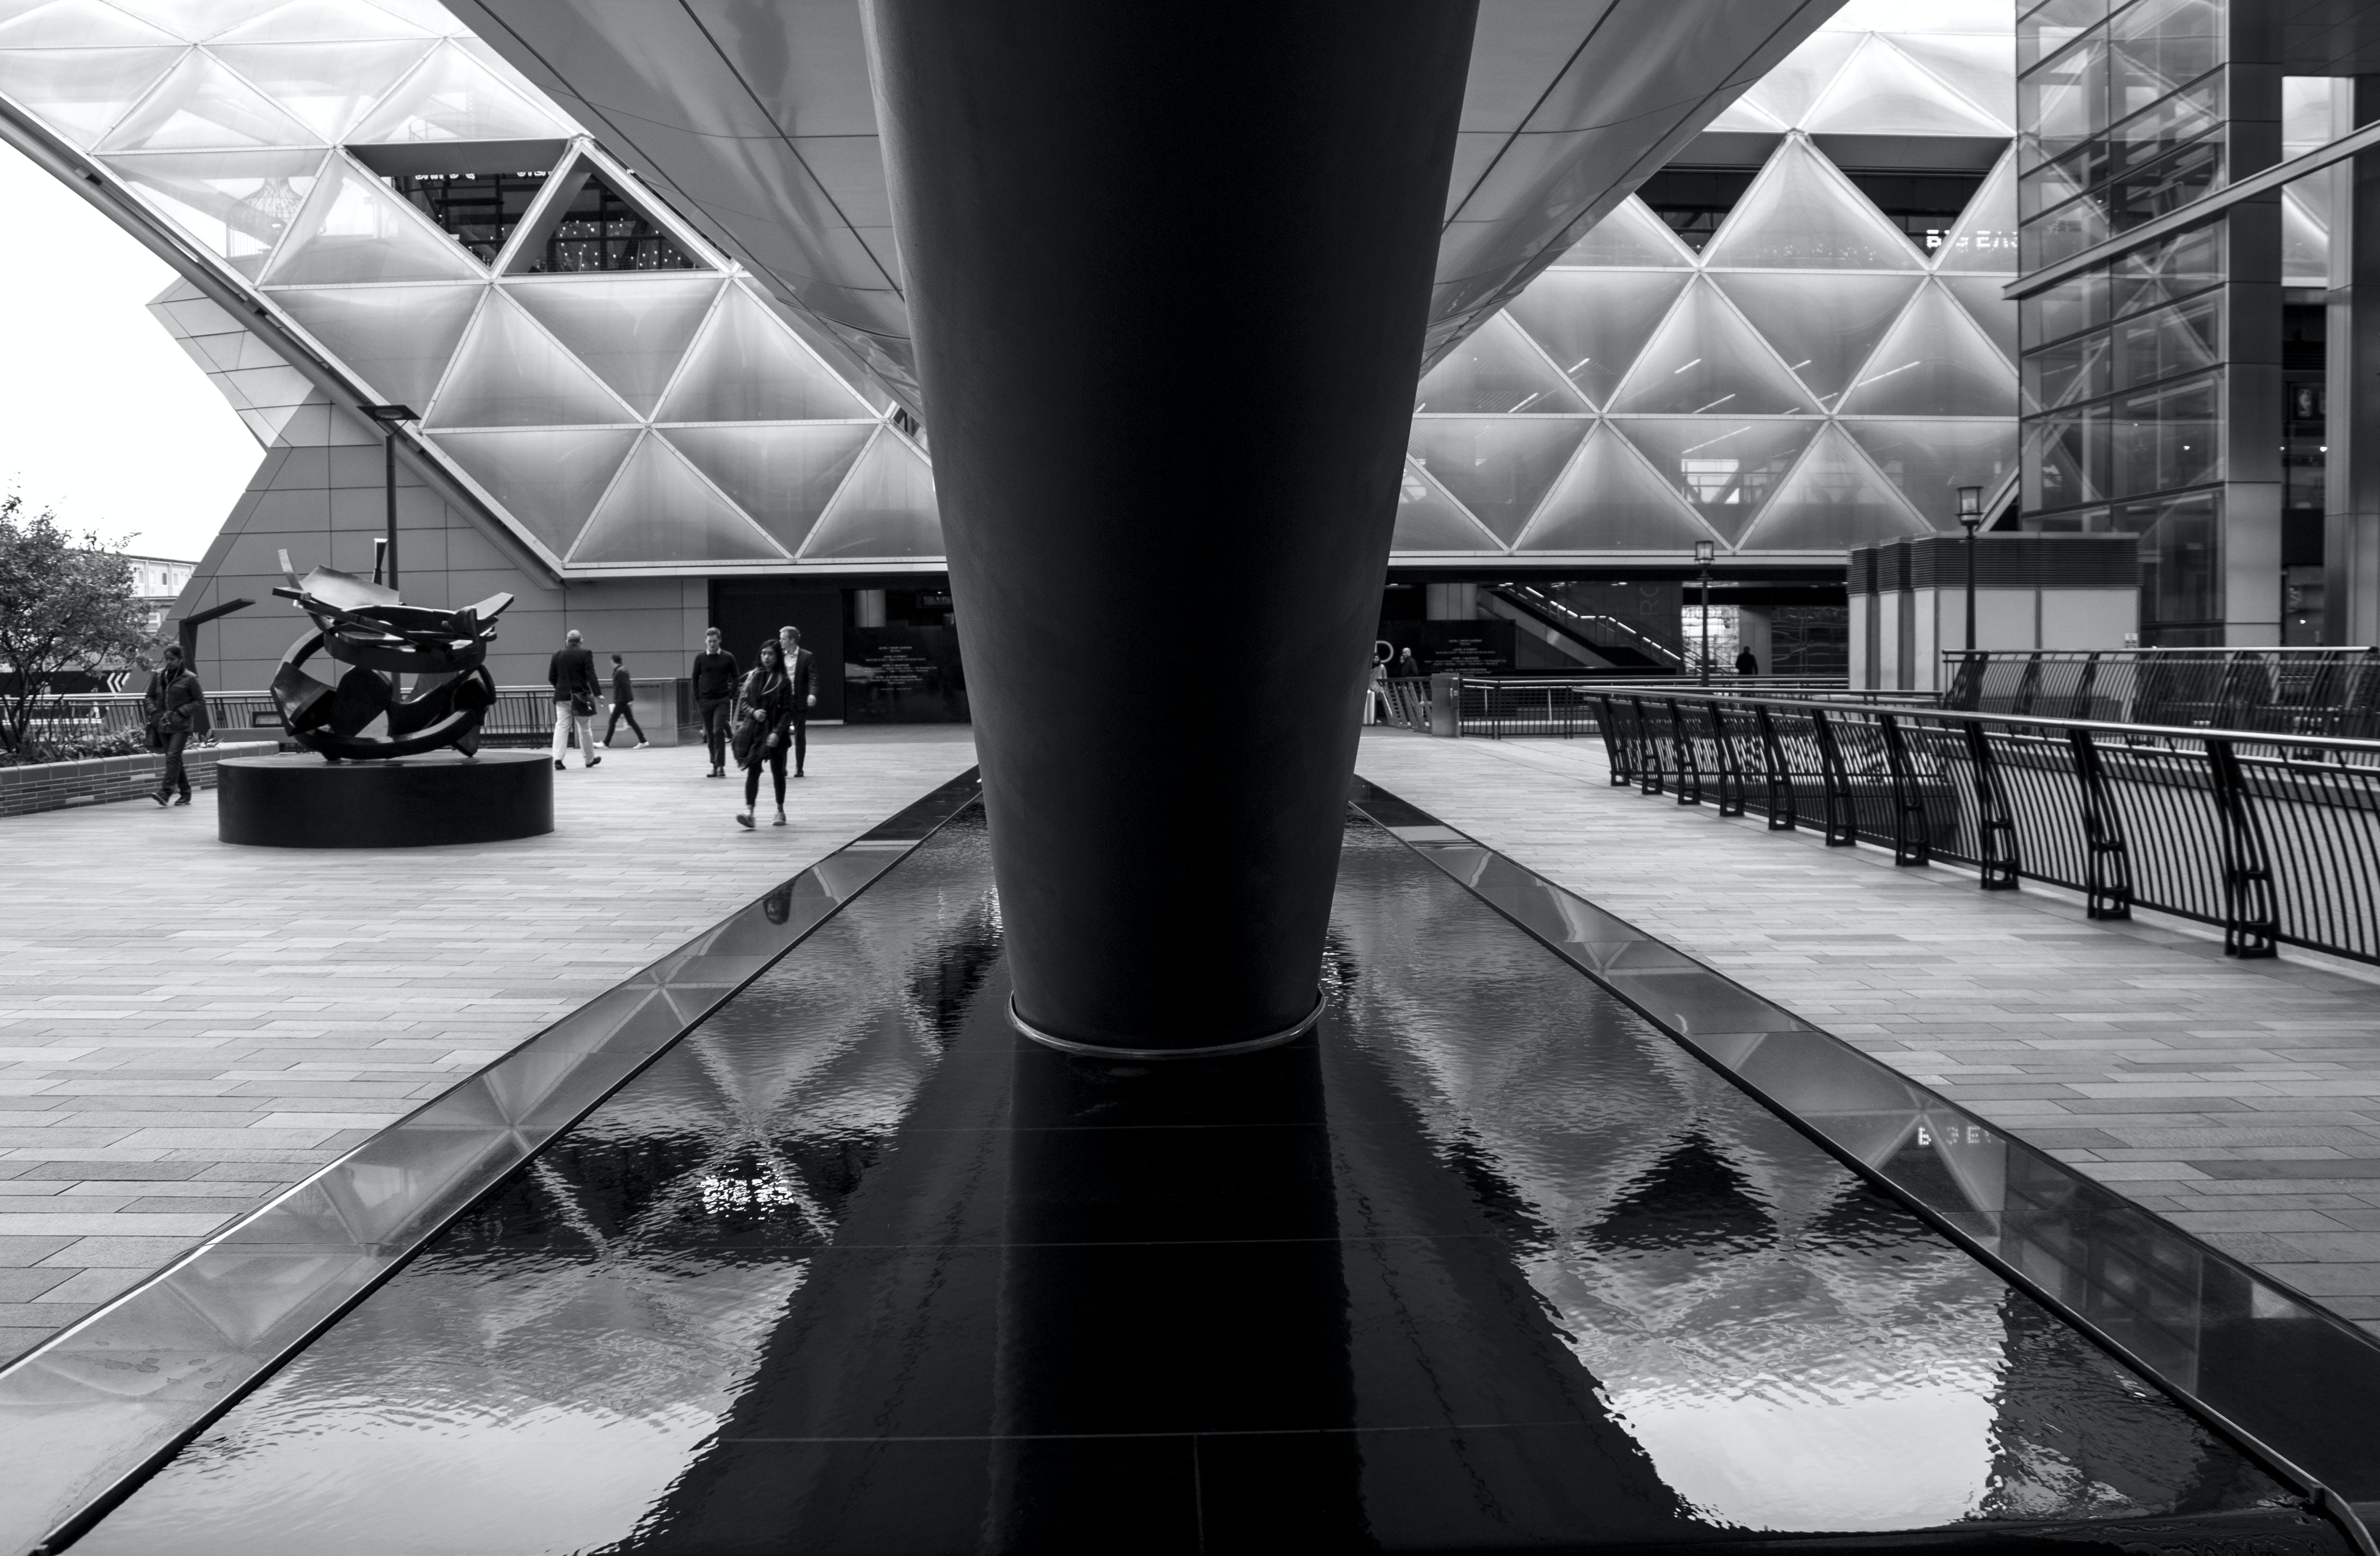 건물, 건축, 물, 블랙 앤 화이트의 무료 스톡 사진